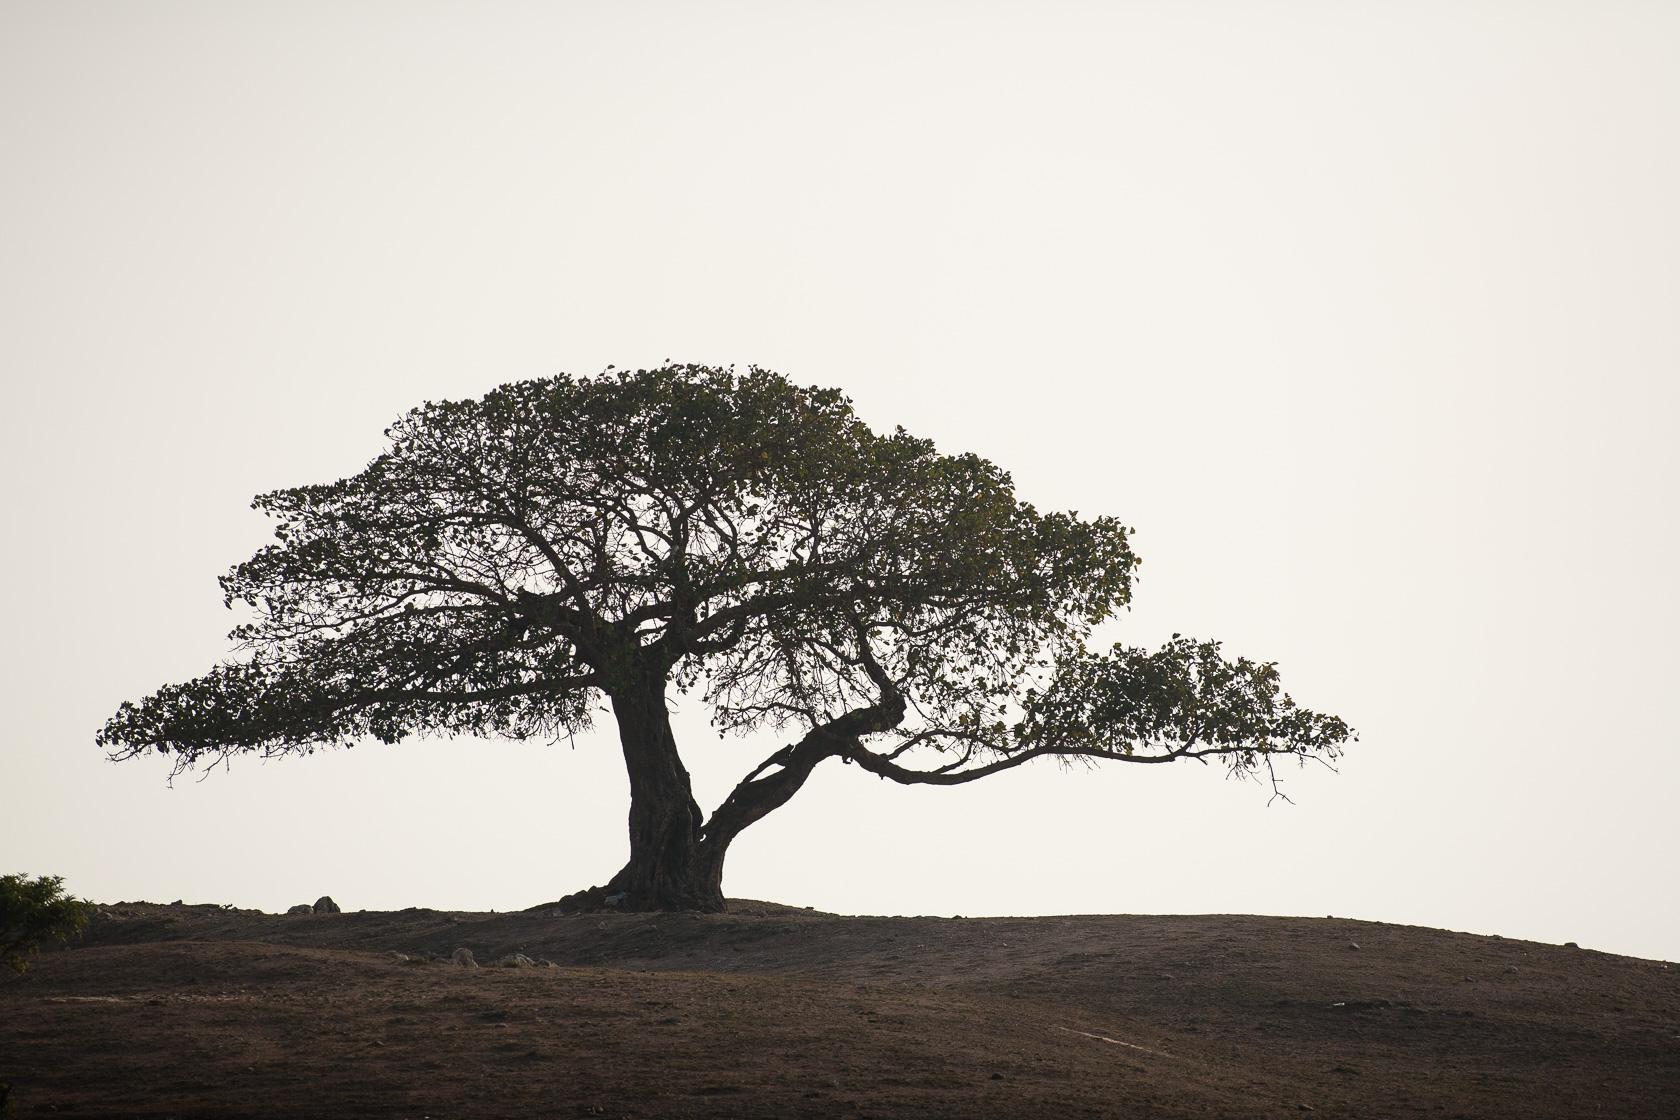 Figuier sur le plateau du Dhofar, dans le sud d'Oman